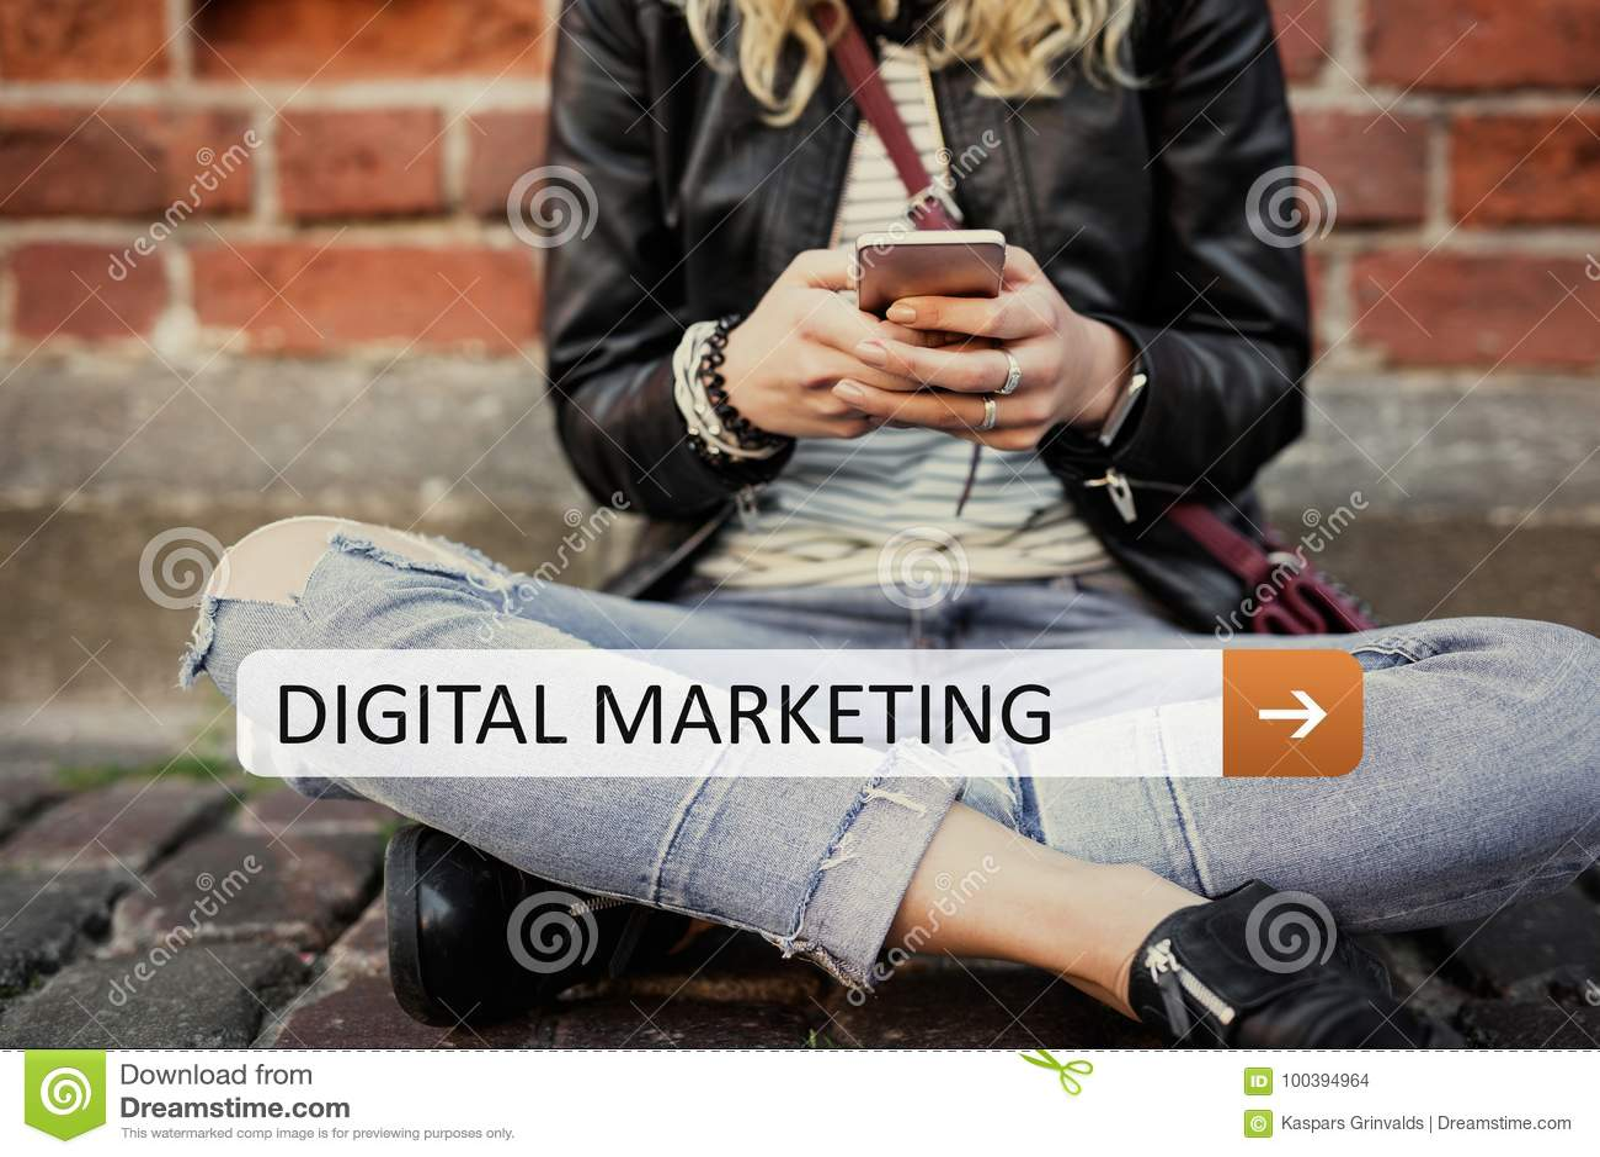 Márketing de Digitaces en su dispositivo móvil